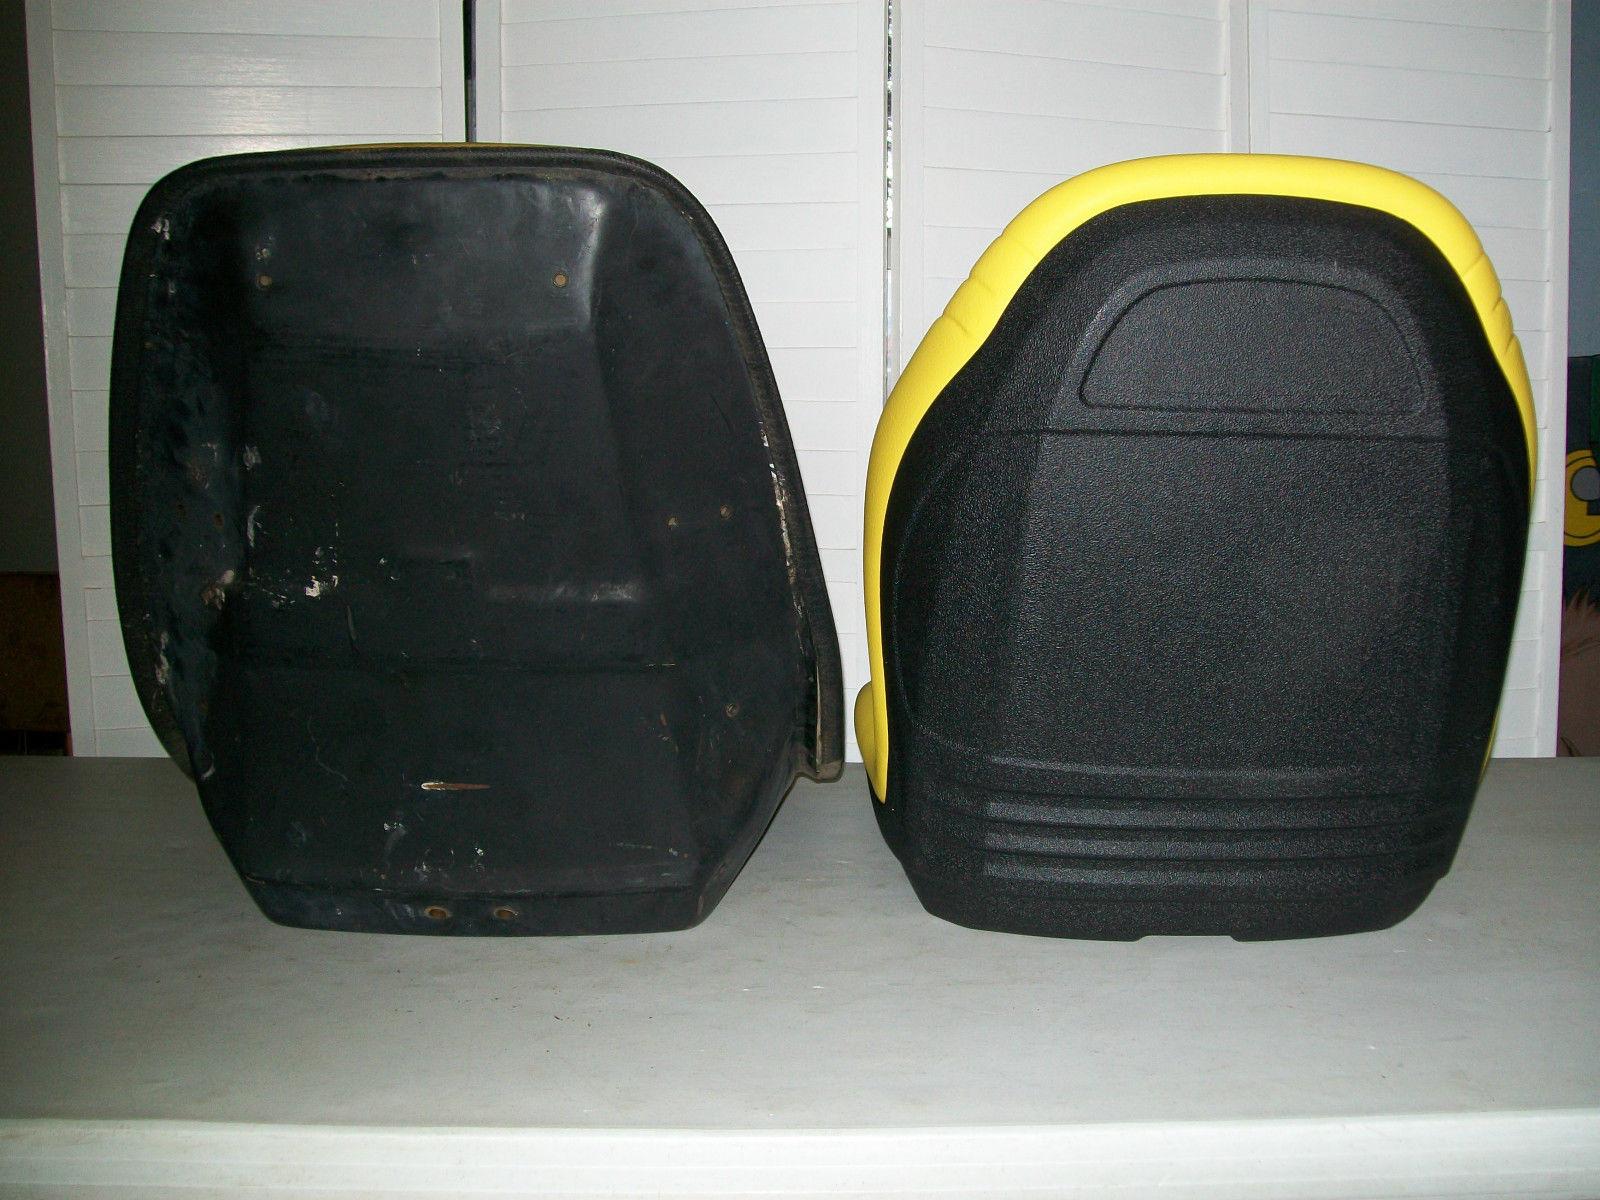 Yellow Seat John Deere F1145 F910 F911 F912 F915 F925 F930 Wiring Diagram Bm